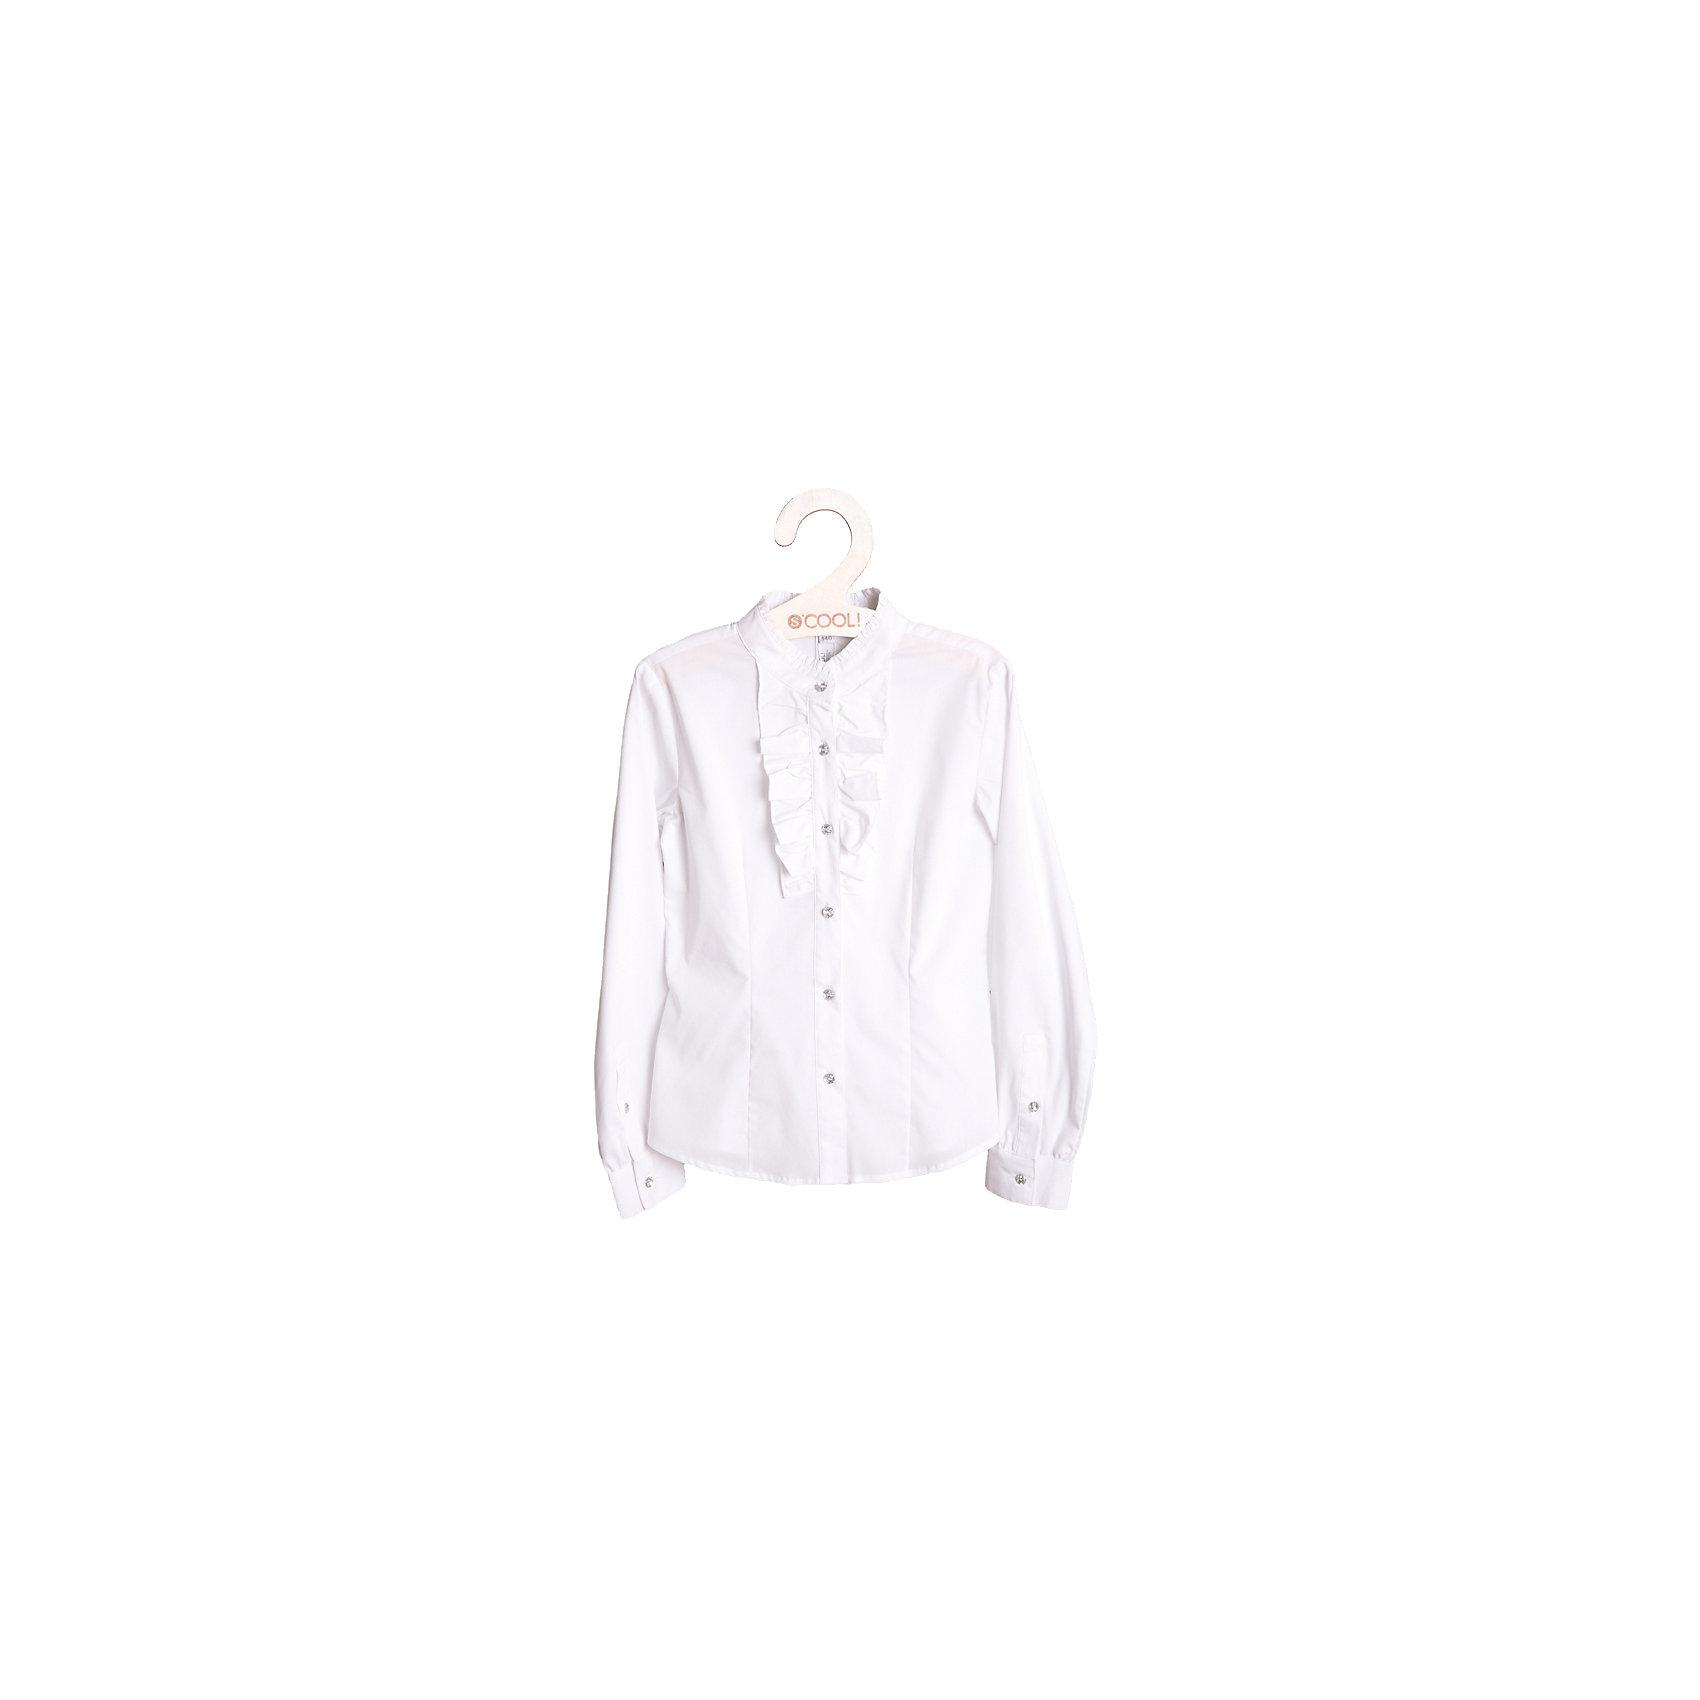 Блузка ScoolБлузки и рубашки<br>Блузка от известной марки Scool.<br>* хлопковая блузка<br>* воротник-стойка <br>* застежка - пуговицы<br>* блузку легко комбинировать с юбками и брюками, создавая красивые ансамбли<br>Состав:<br>Хлопок:68%; Полиэстер:28%; Эластан:4%<br><br>Ширина мм: 186<br>Глубина мм: 87<br>Высота мм: 198<br>Вес г: 197<br>Цвет: белый<br>Возраст от месяцев: 156<br>Возраст до месяцев: 168<br>Пол: Женский<br>Возраст: Детский<br>Размер: 164,140,158,152,146,134,128<br>SKU: 4140717